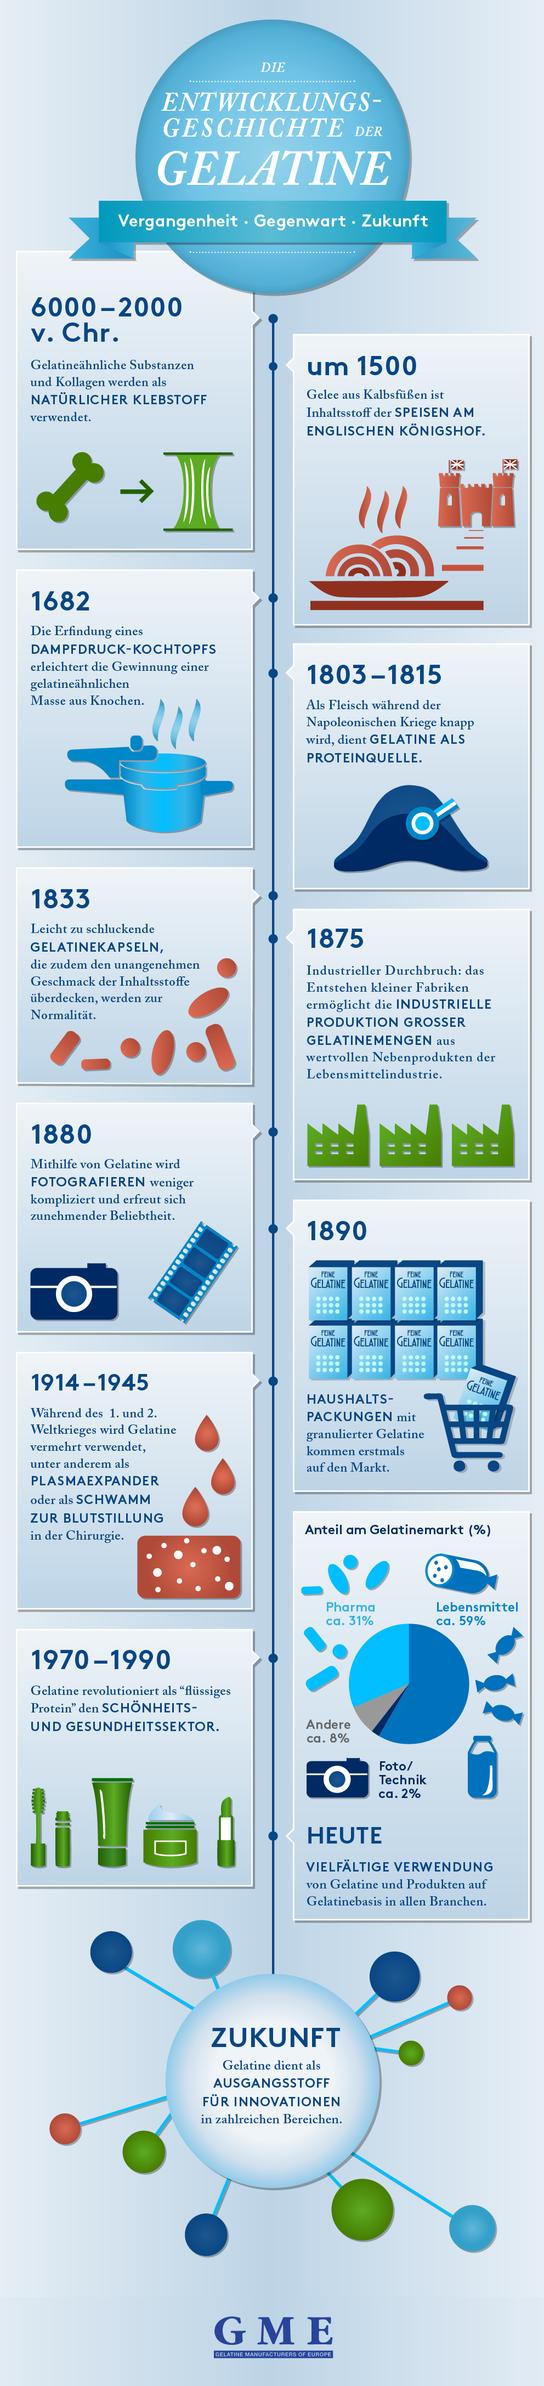 Die Entwicklungsgeschichte der Gelatine